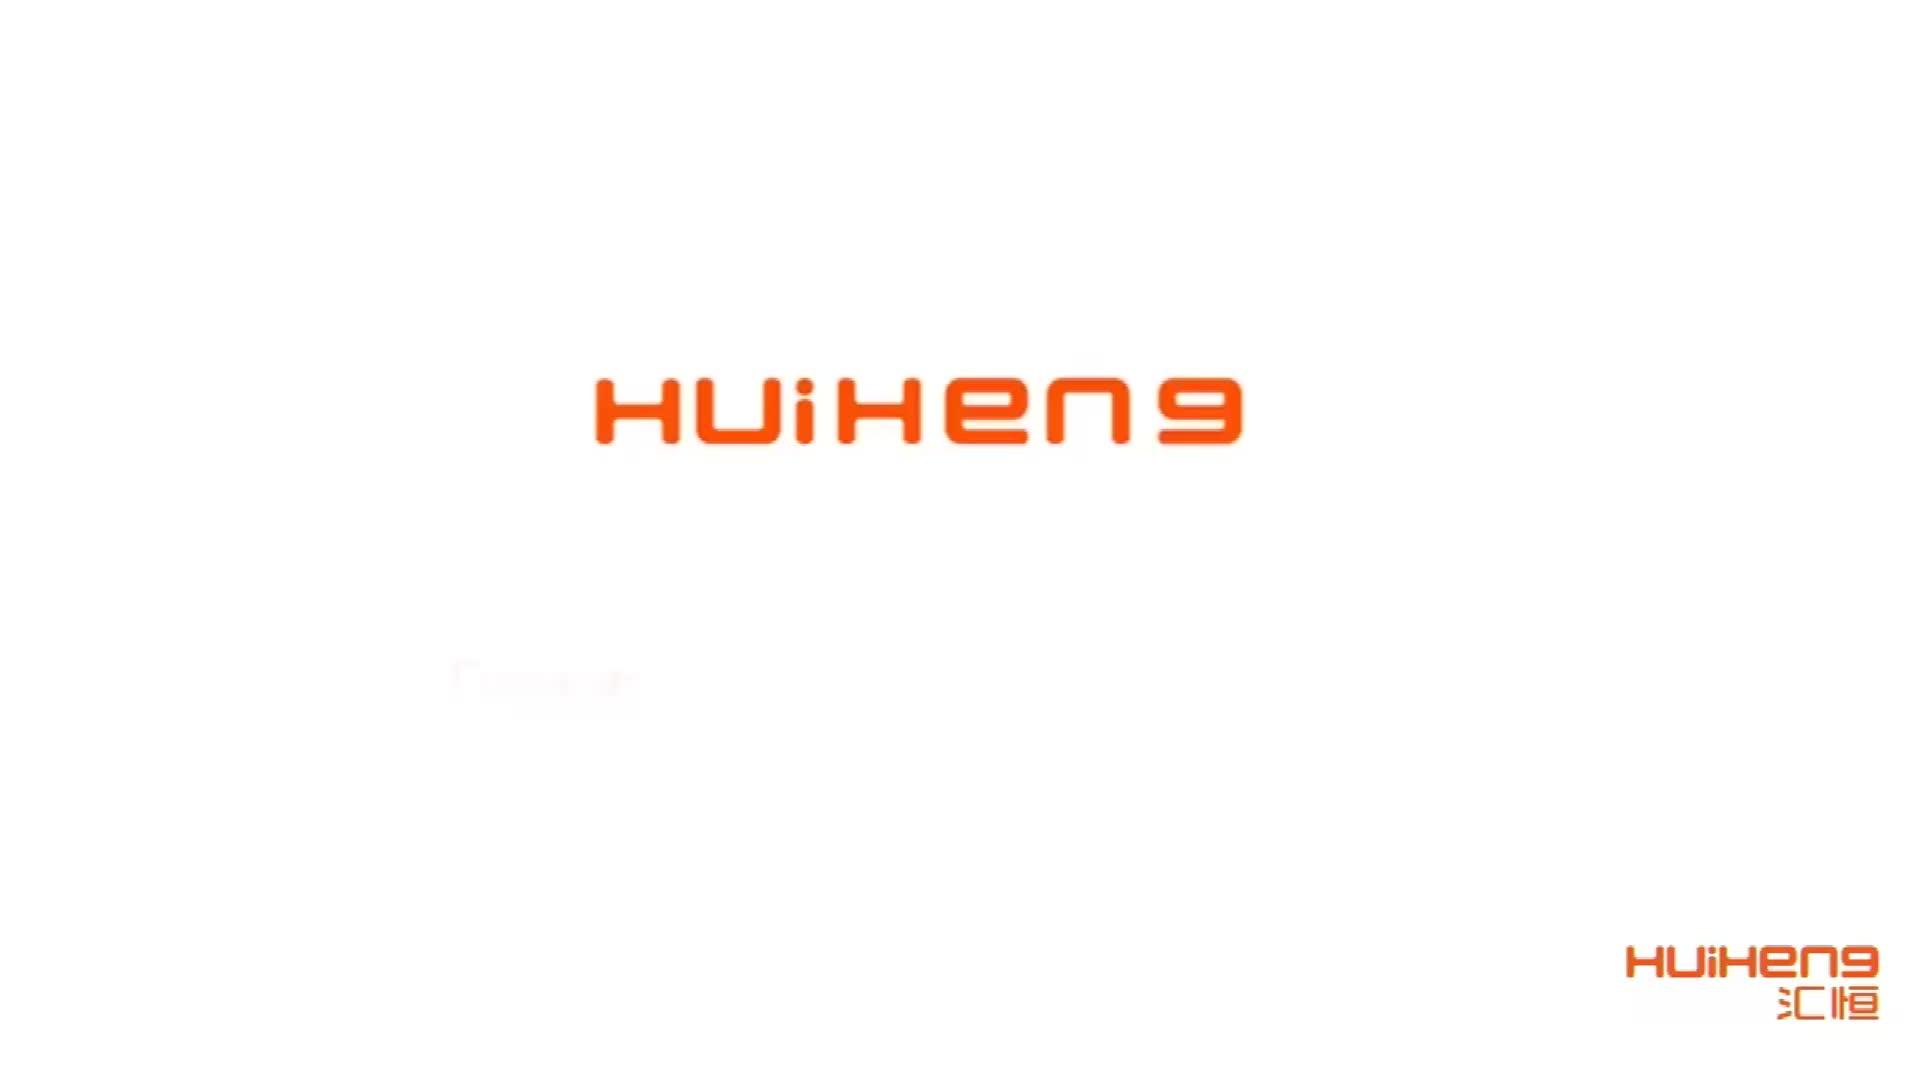 HH7A ayarlanabilir 3w 5w çerçeve sıcak tutucular beyaz fiyat kısılabilir gömme koçanı Focos lamba Spot ışık tavan Mini LED spot